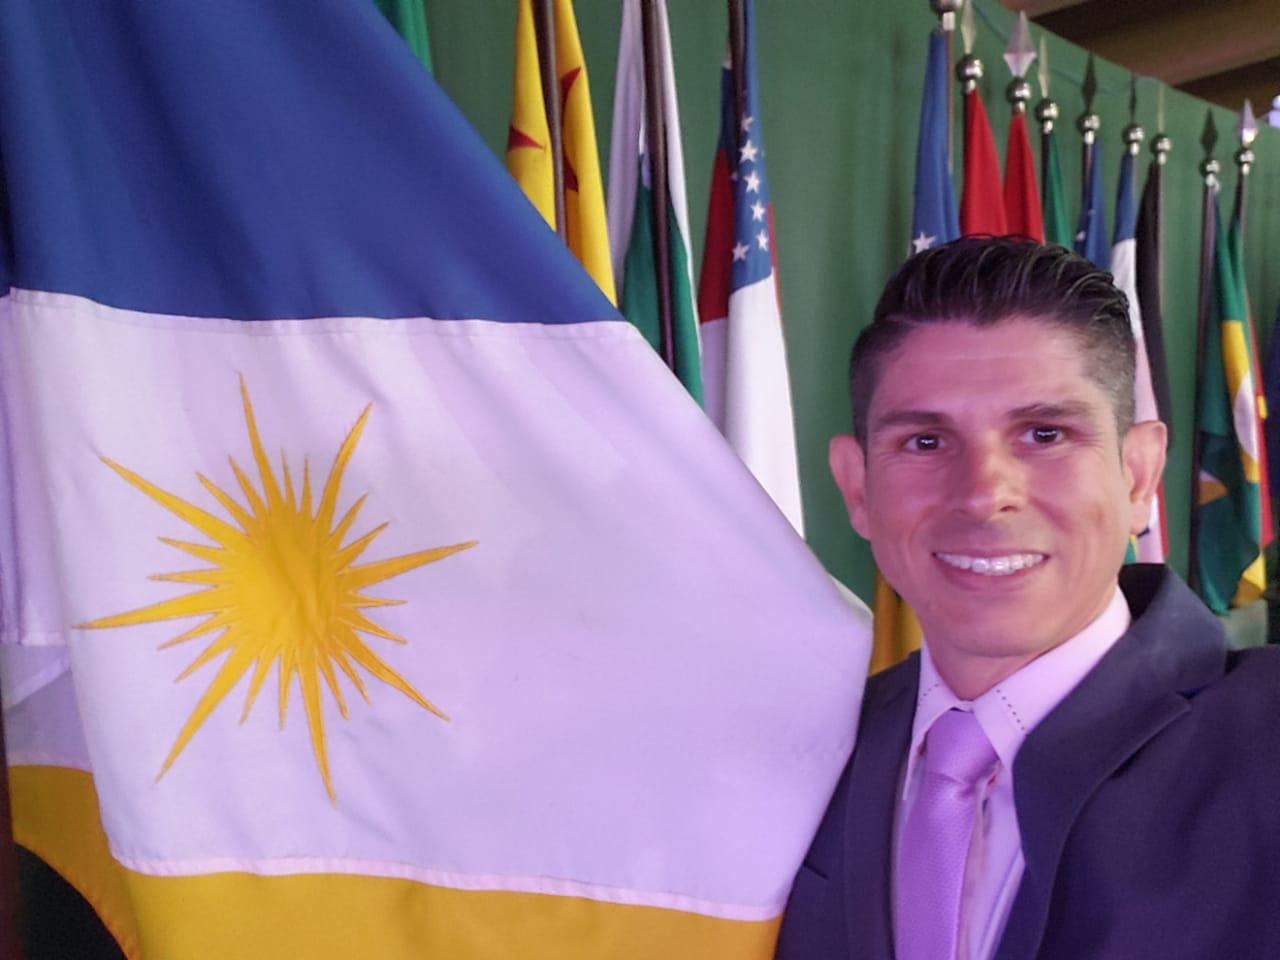 Delegado Tiago Daniel participa do curso de aperfeiçoamento em Segurança Pública do programa Academia Nacional de Polícia